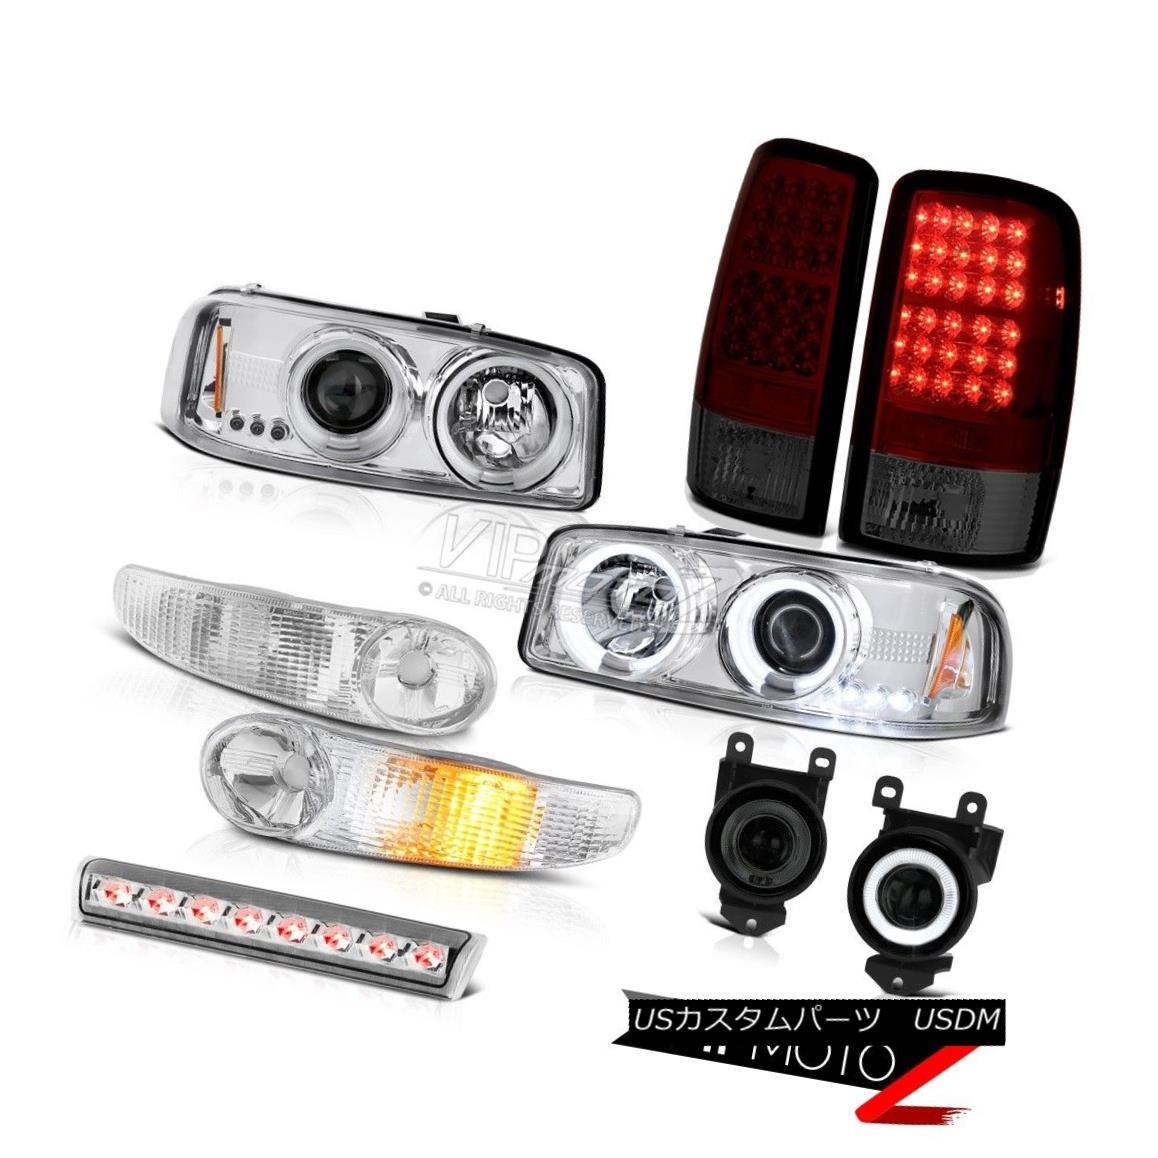 ヘッドライト Halo CCFL Headlamps Signal LED Bulbs Tail Light Fog Brake Cargo 01-06 Yukon 6.0L Halo CCFLヘッドランプ信号LED電球テールライトフォグブレーキカーゴ01-06ユーコン6.0L